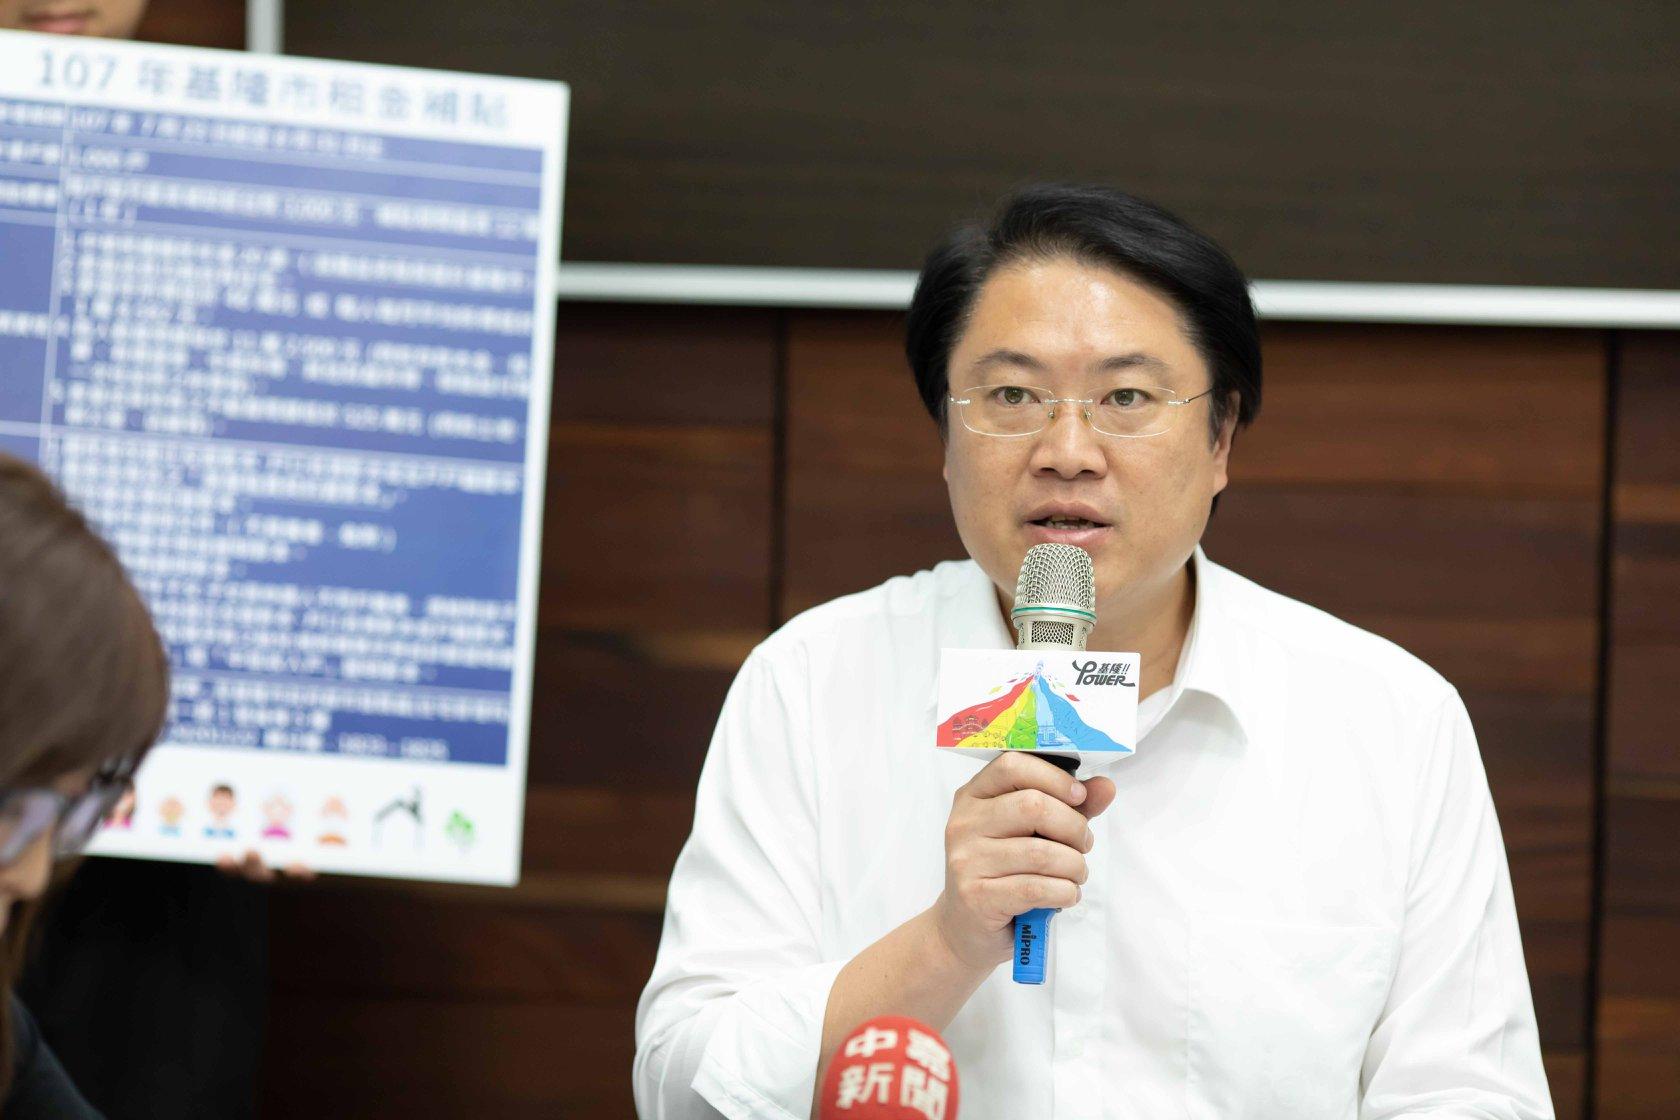 為何北北基颱風假不同調?基隆市長:朱立倫出國怕被罵才放